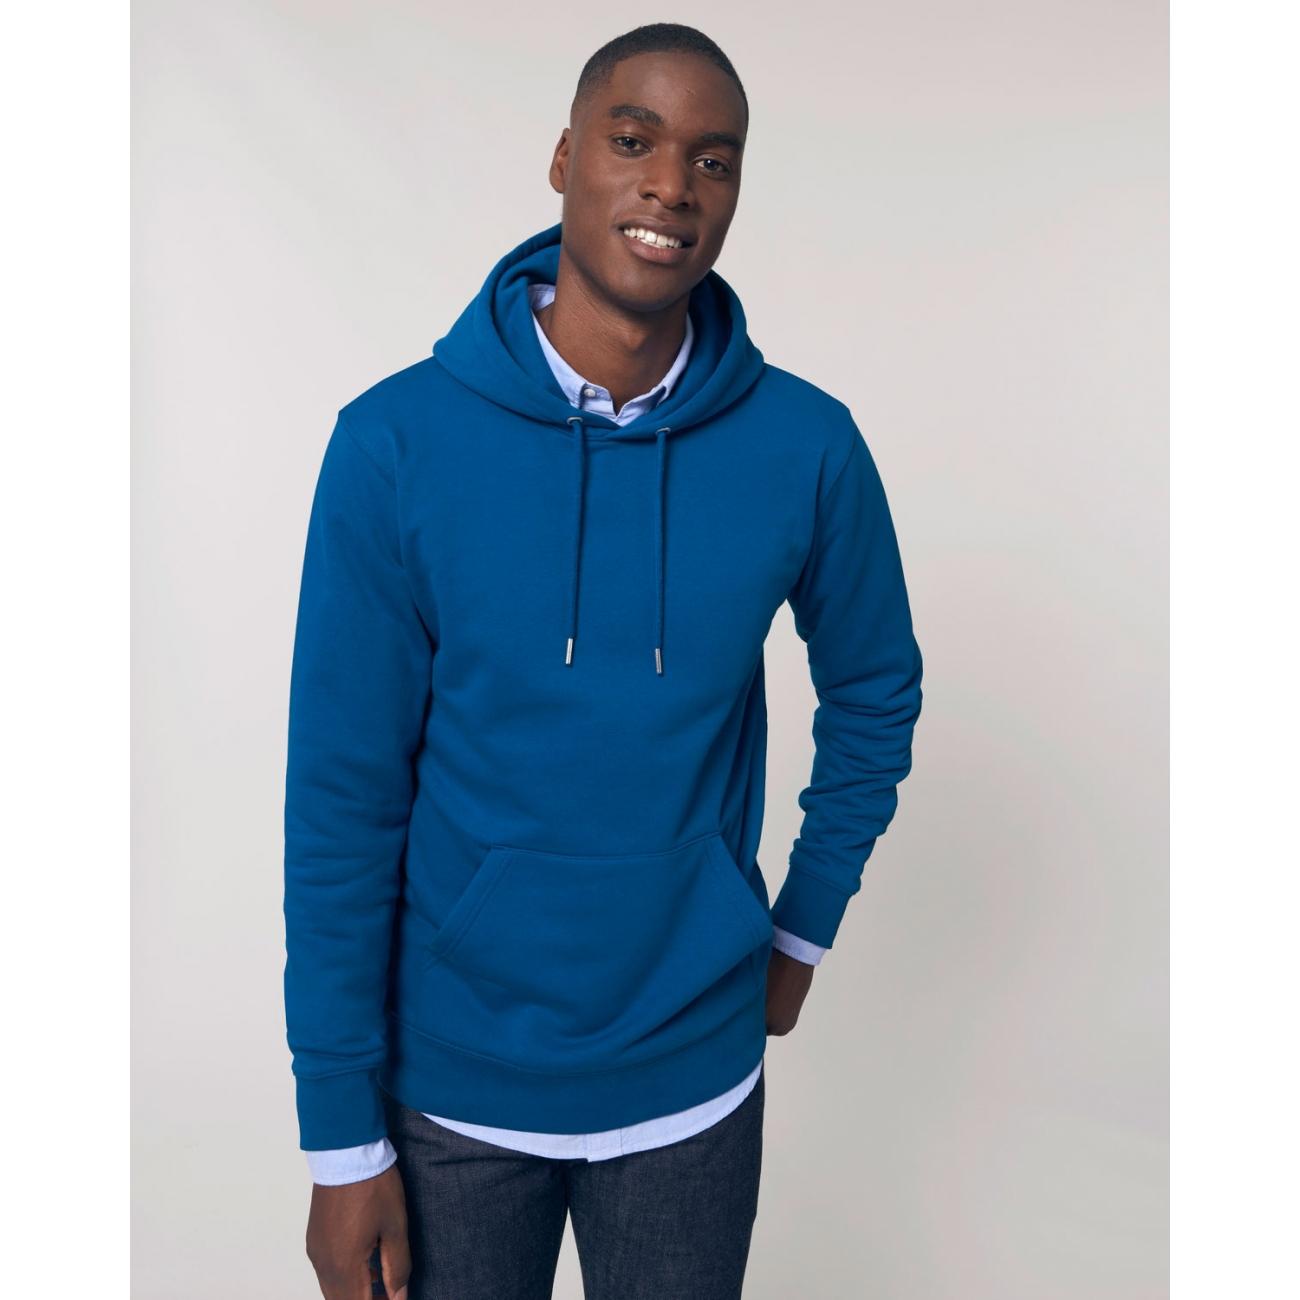 https://tee-shirt-bio.com/10115-thickbox_default/sweat-shirt-homme-capuche-epais-et-interieur-doux-coton-bio-bleu-roy.jpg